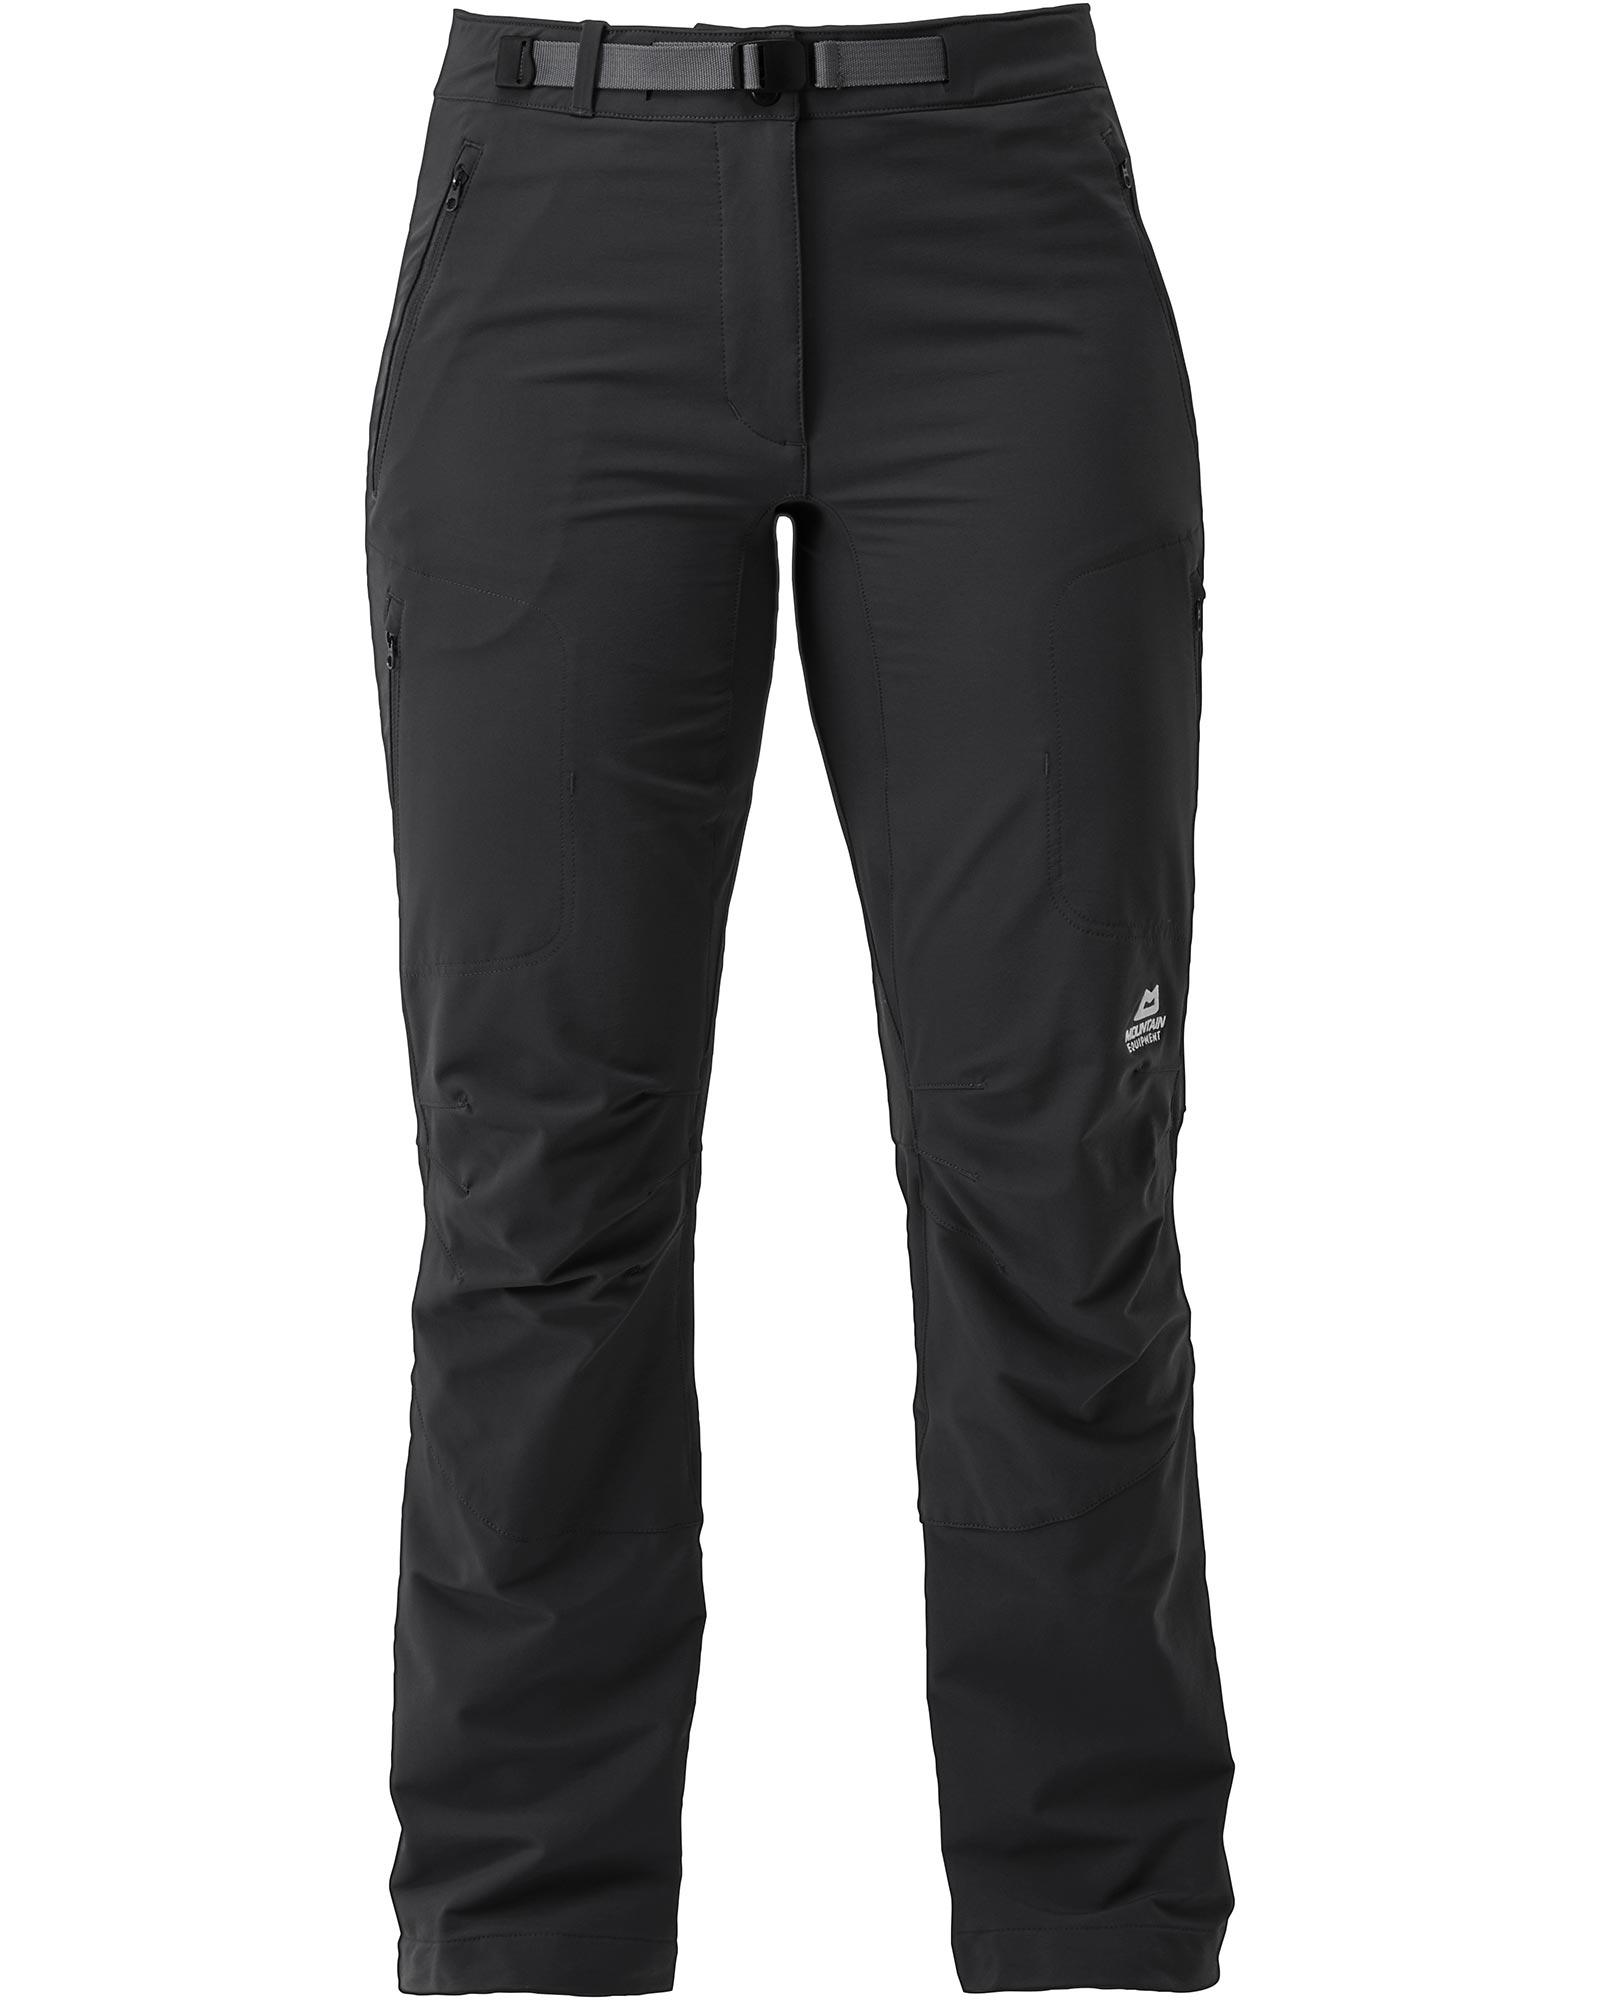 Mountain Equipment Women's Chamois Pants 0